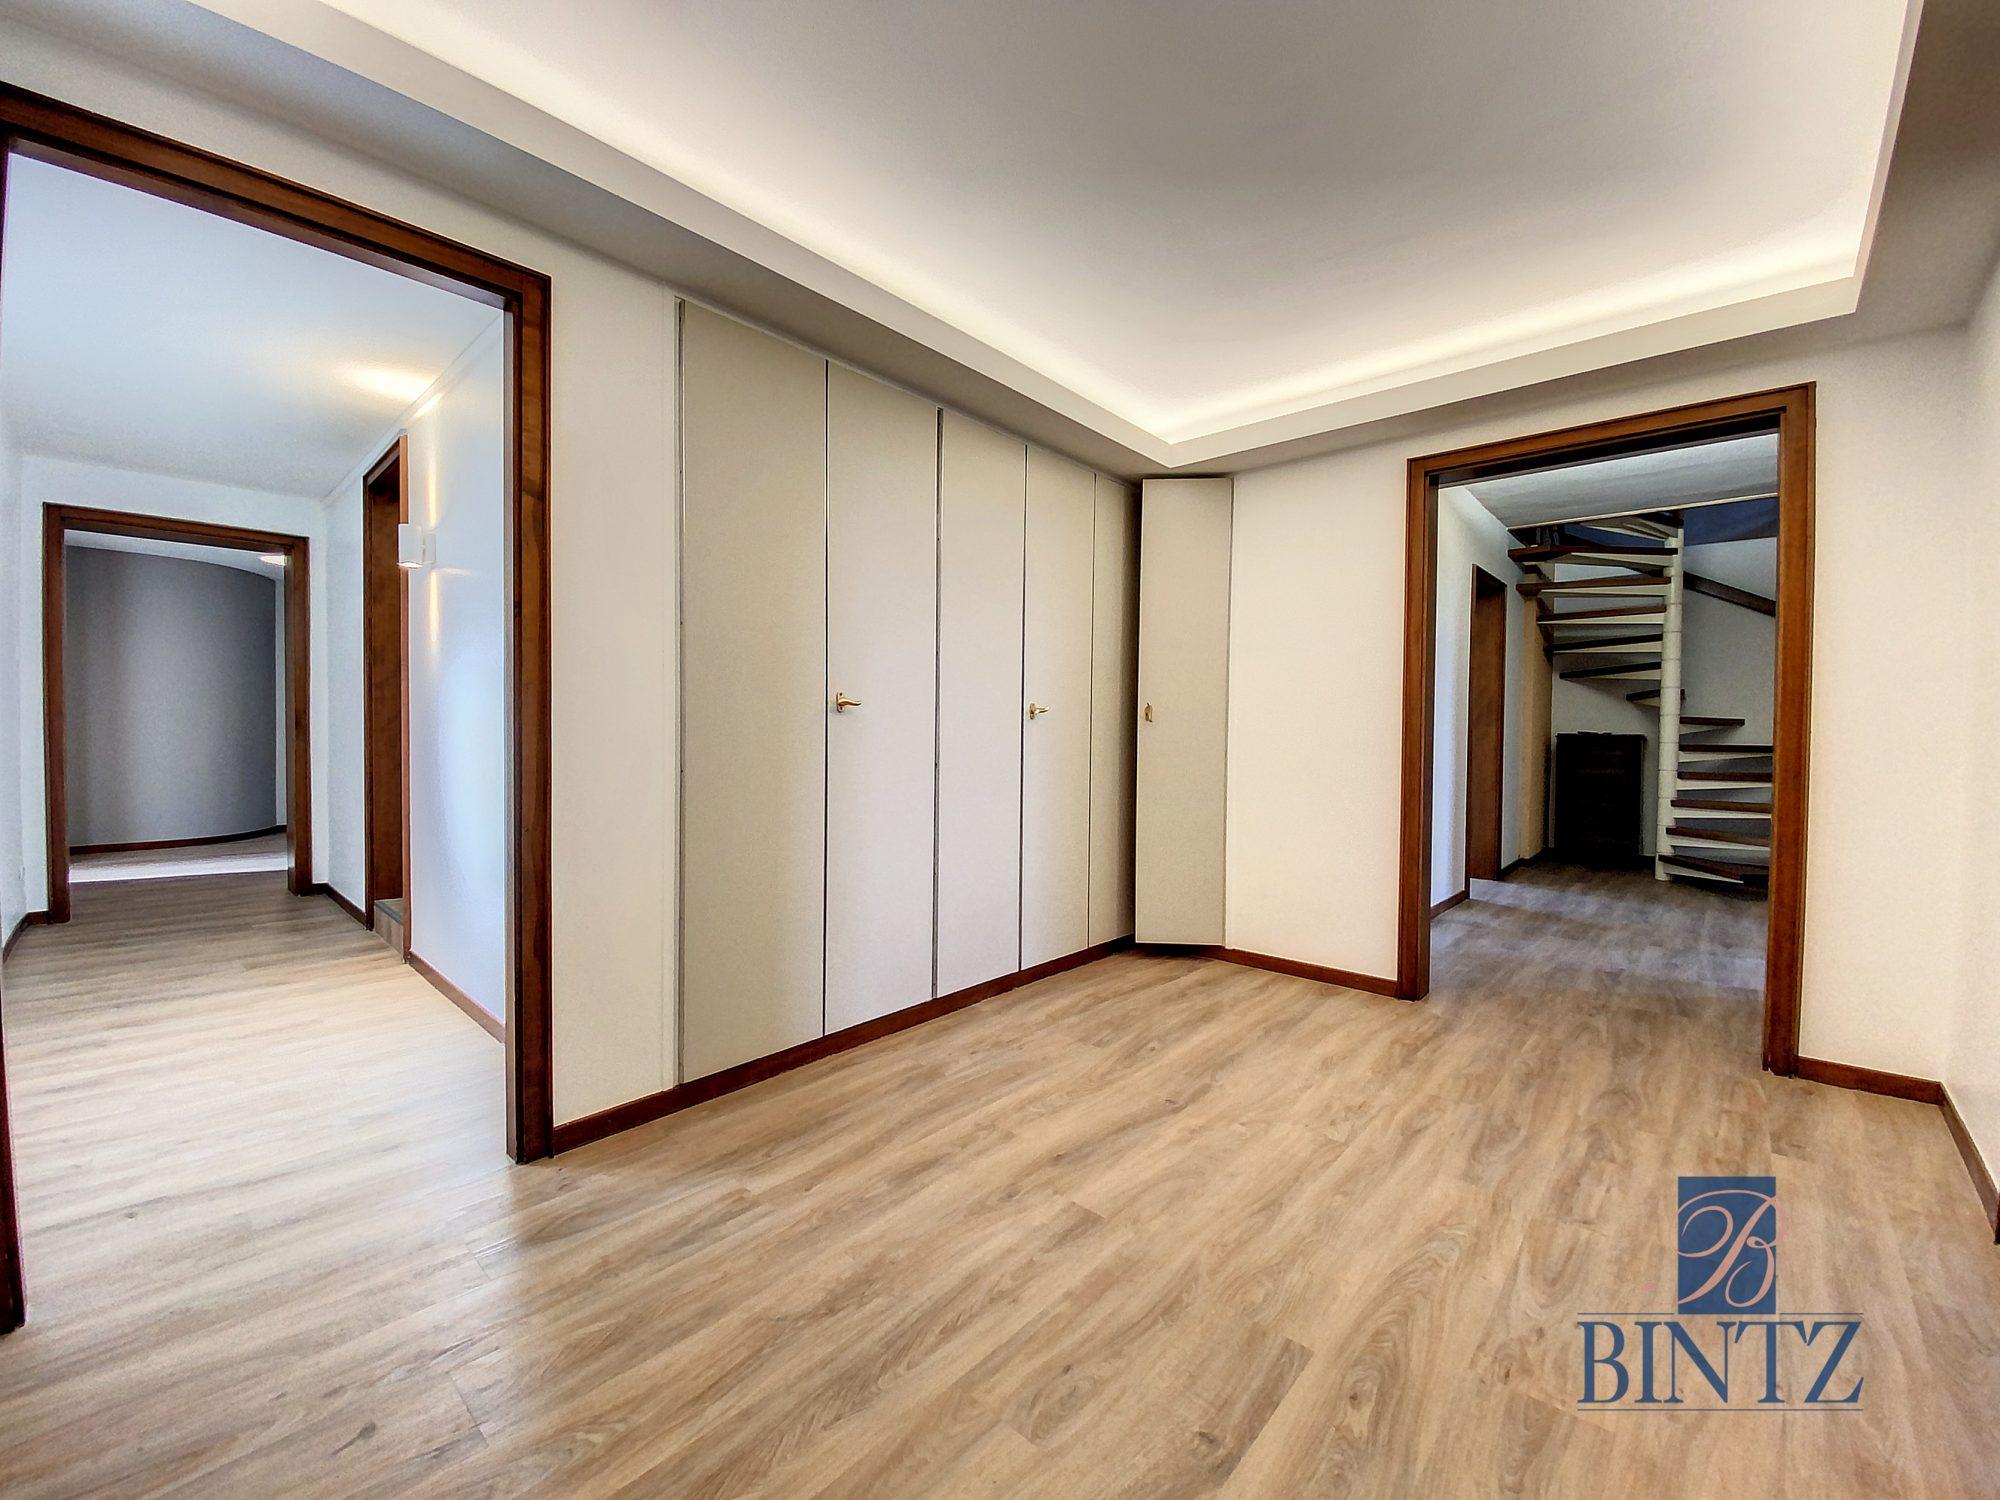 DUPLEX PLACE DE L'UNIVERSITÉ AVEC TERRASSE - Devenez locataire en toute sérénité - Bintz Immobilier - 18